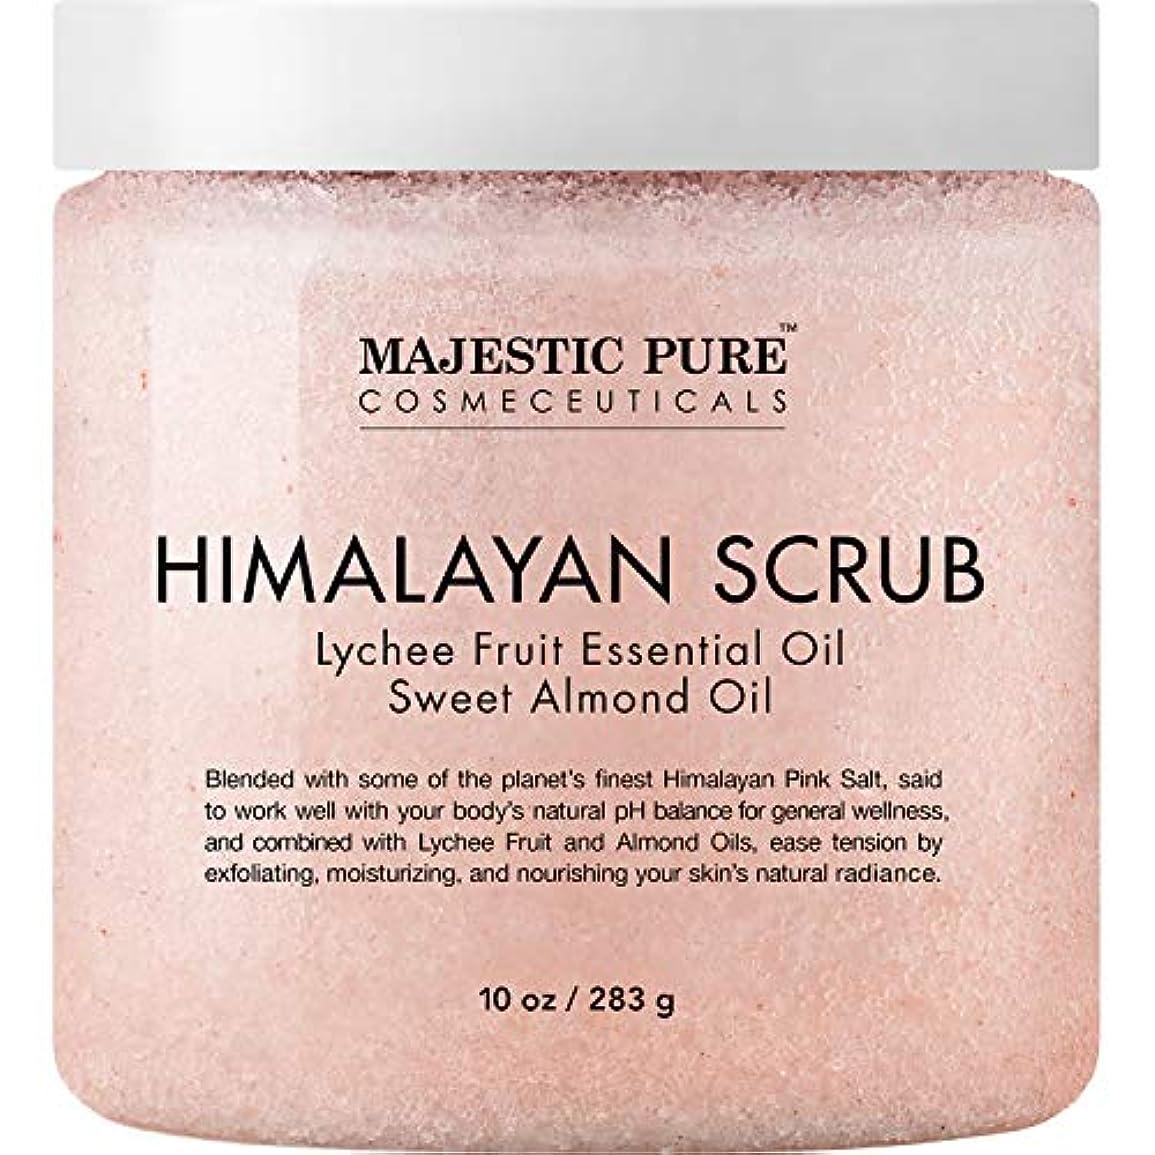 バスト不道徳句Himalayan Salt Body Scrub with Lychee Essential Oil 10 oz 283g ヒマラヤンソルトスクラブ ライチオイル